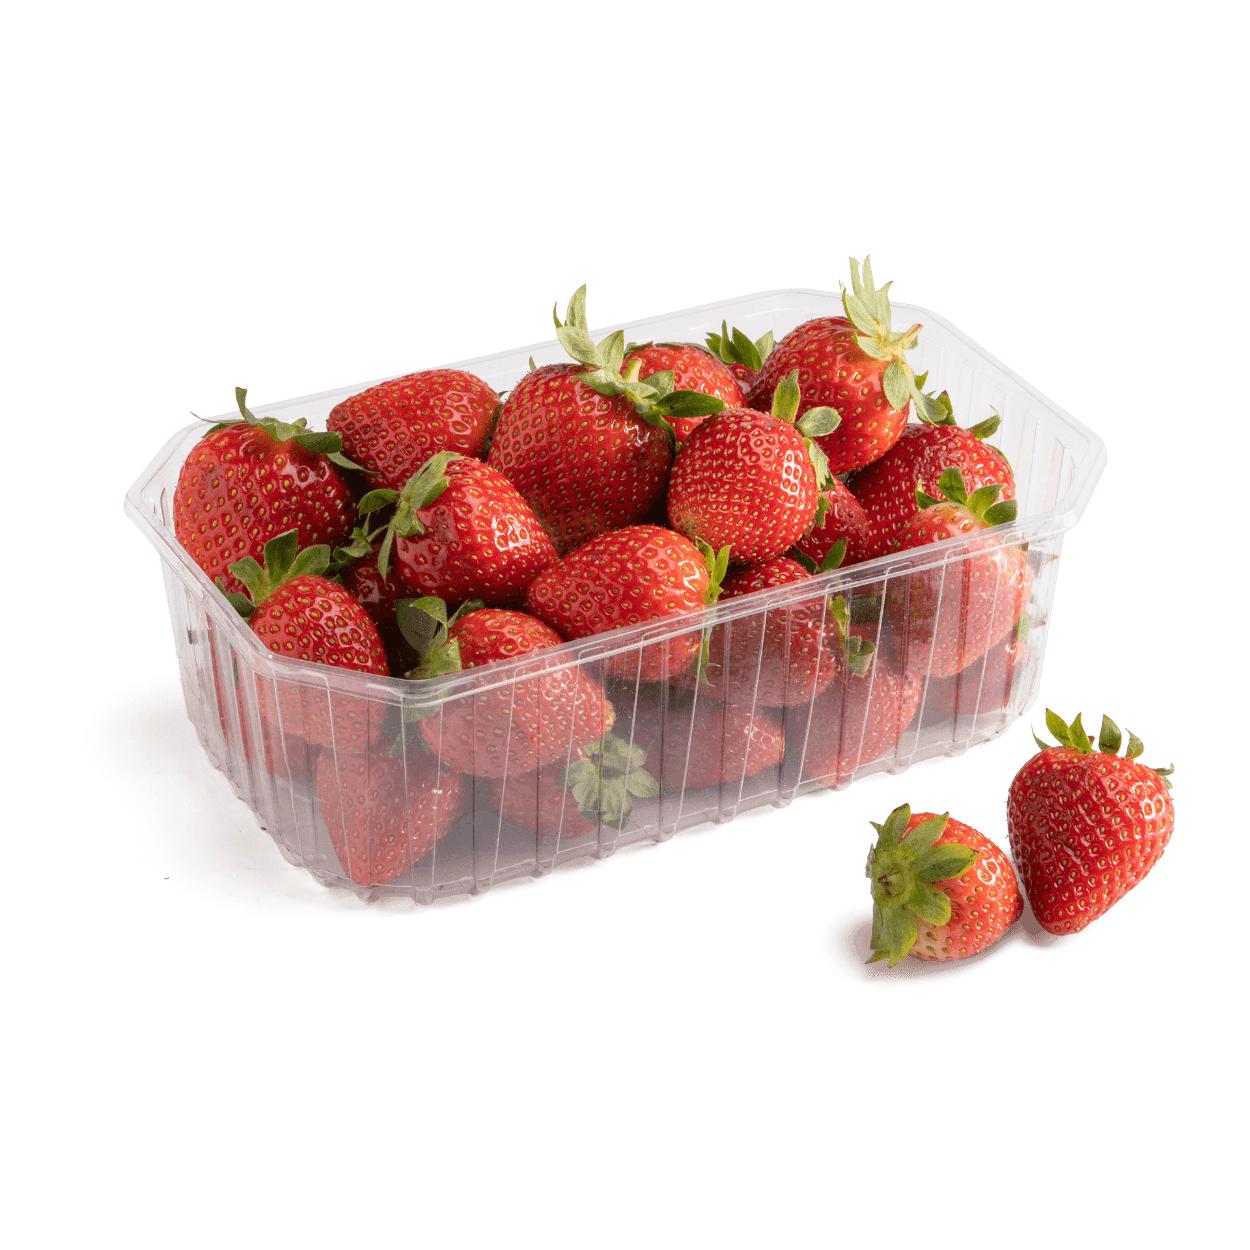 Fresas 500 g 1.29€ desde el sábado en Aldi